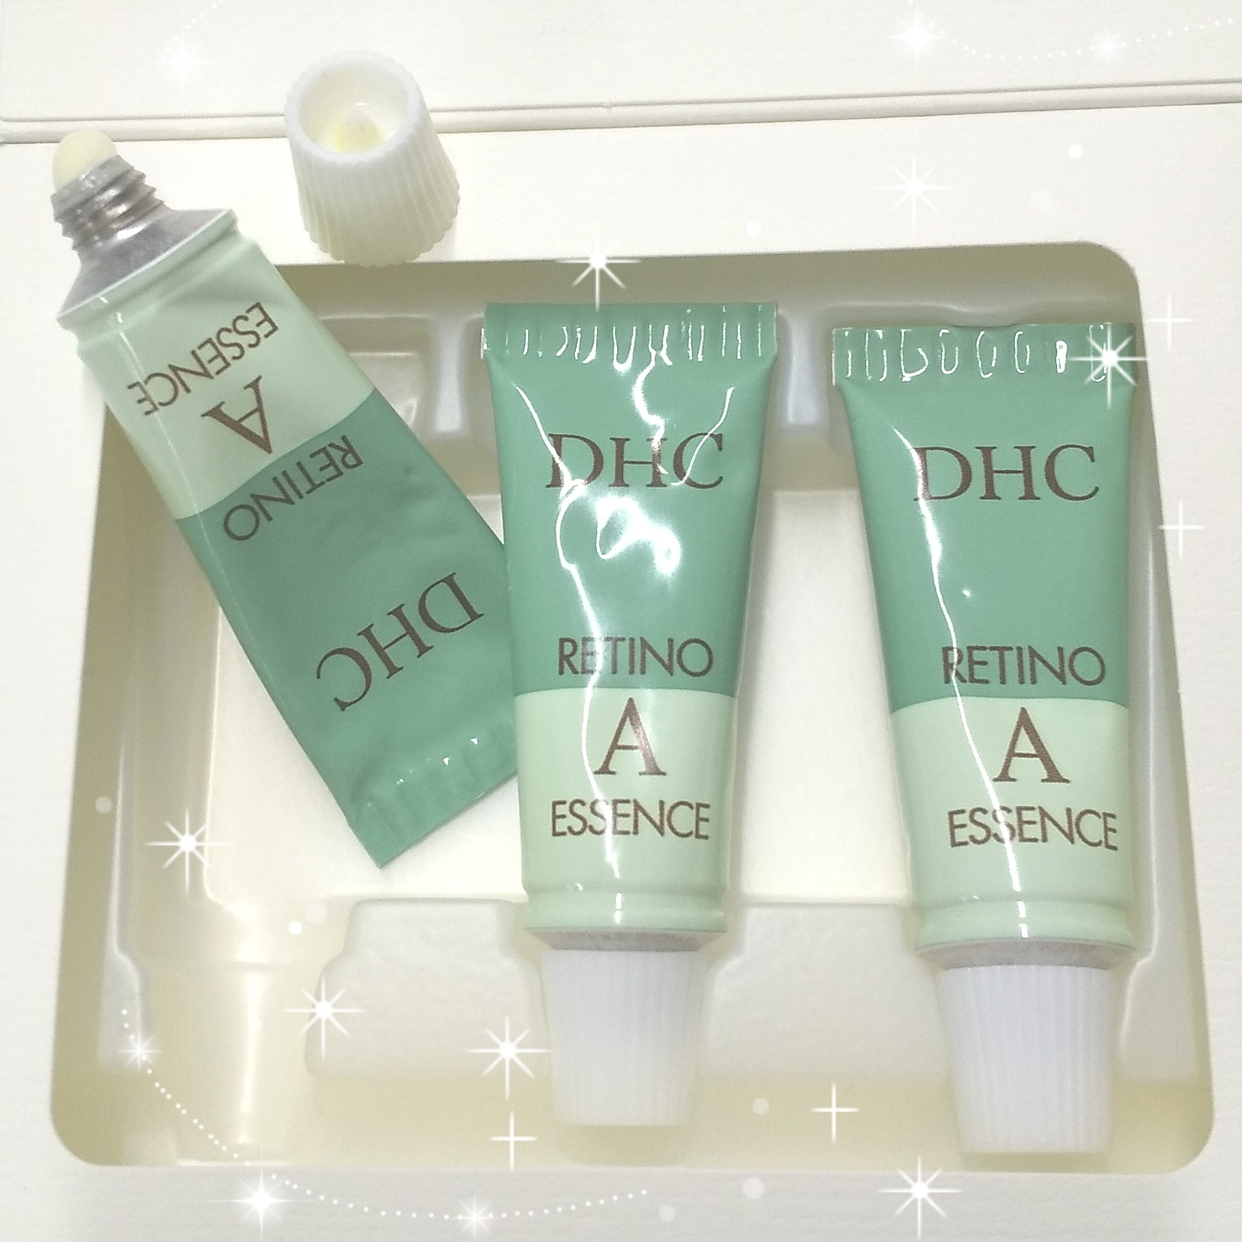 DHC(ディーエイチシー) 薬用レチノAエッセンスを使ったカサブランカさんのクチコミ画像1